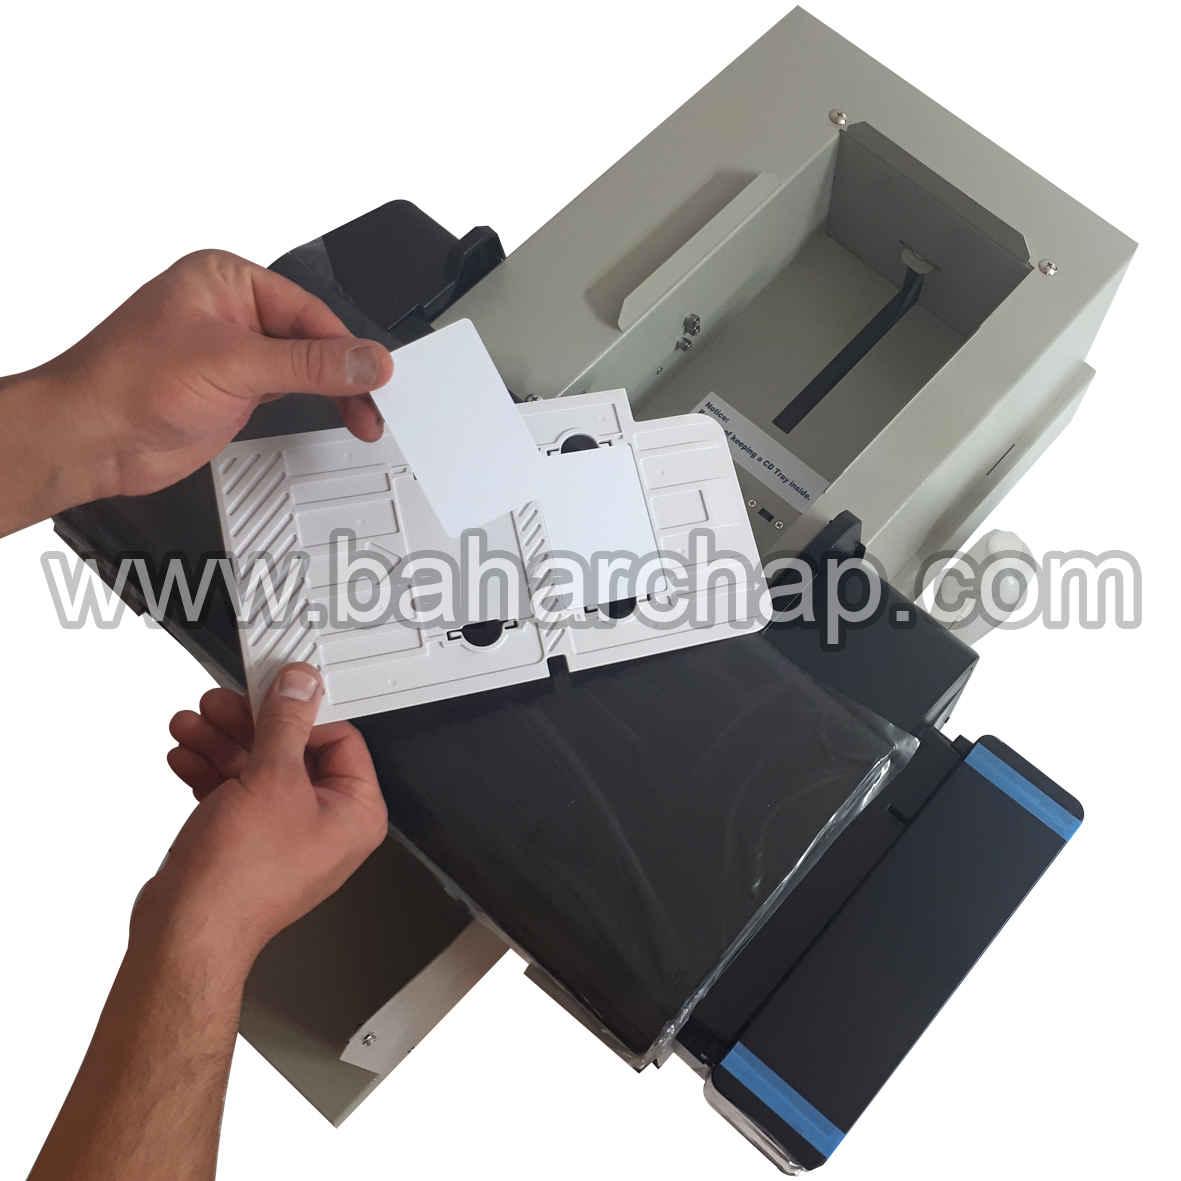 آموزش چاپ کارت pvc با پرینتر اپسون l805